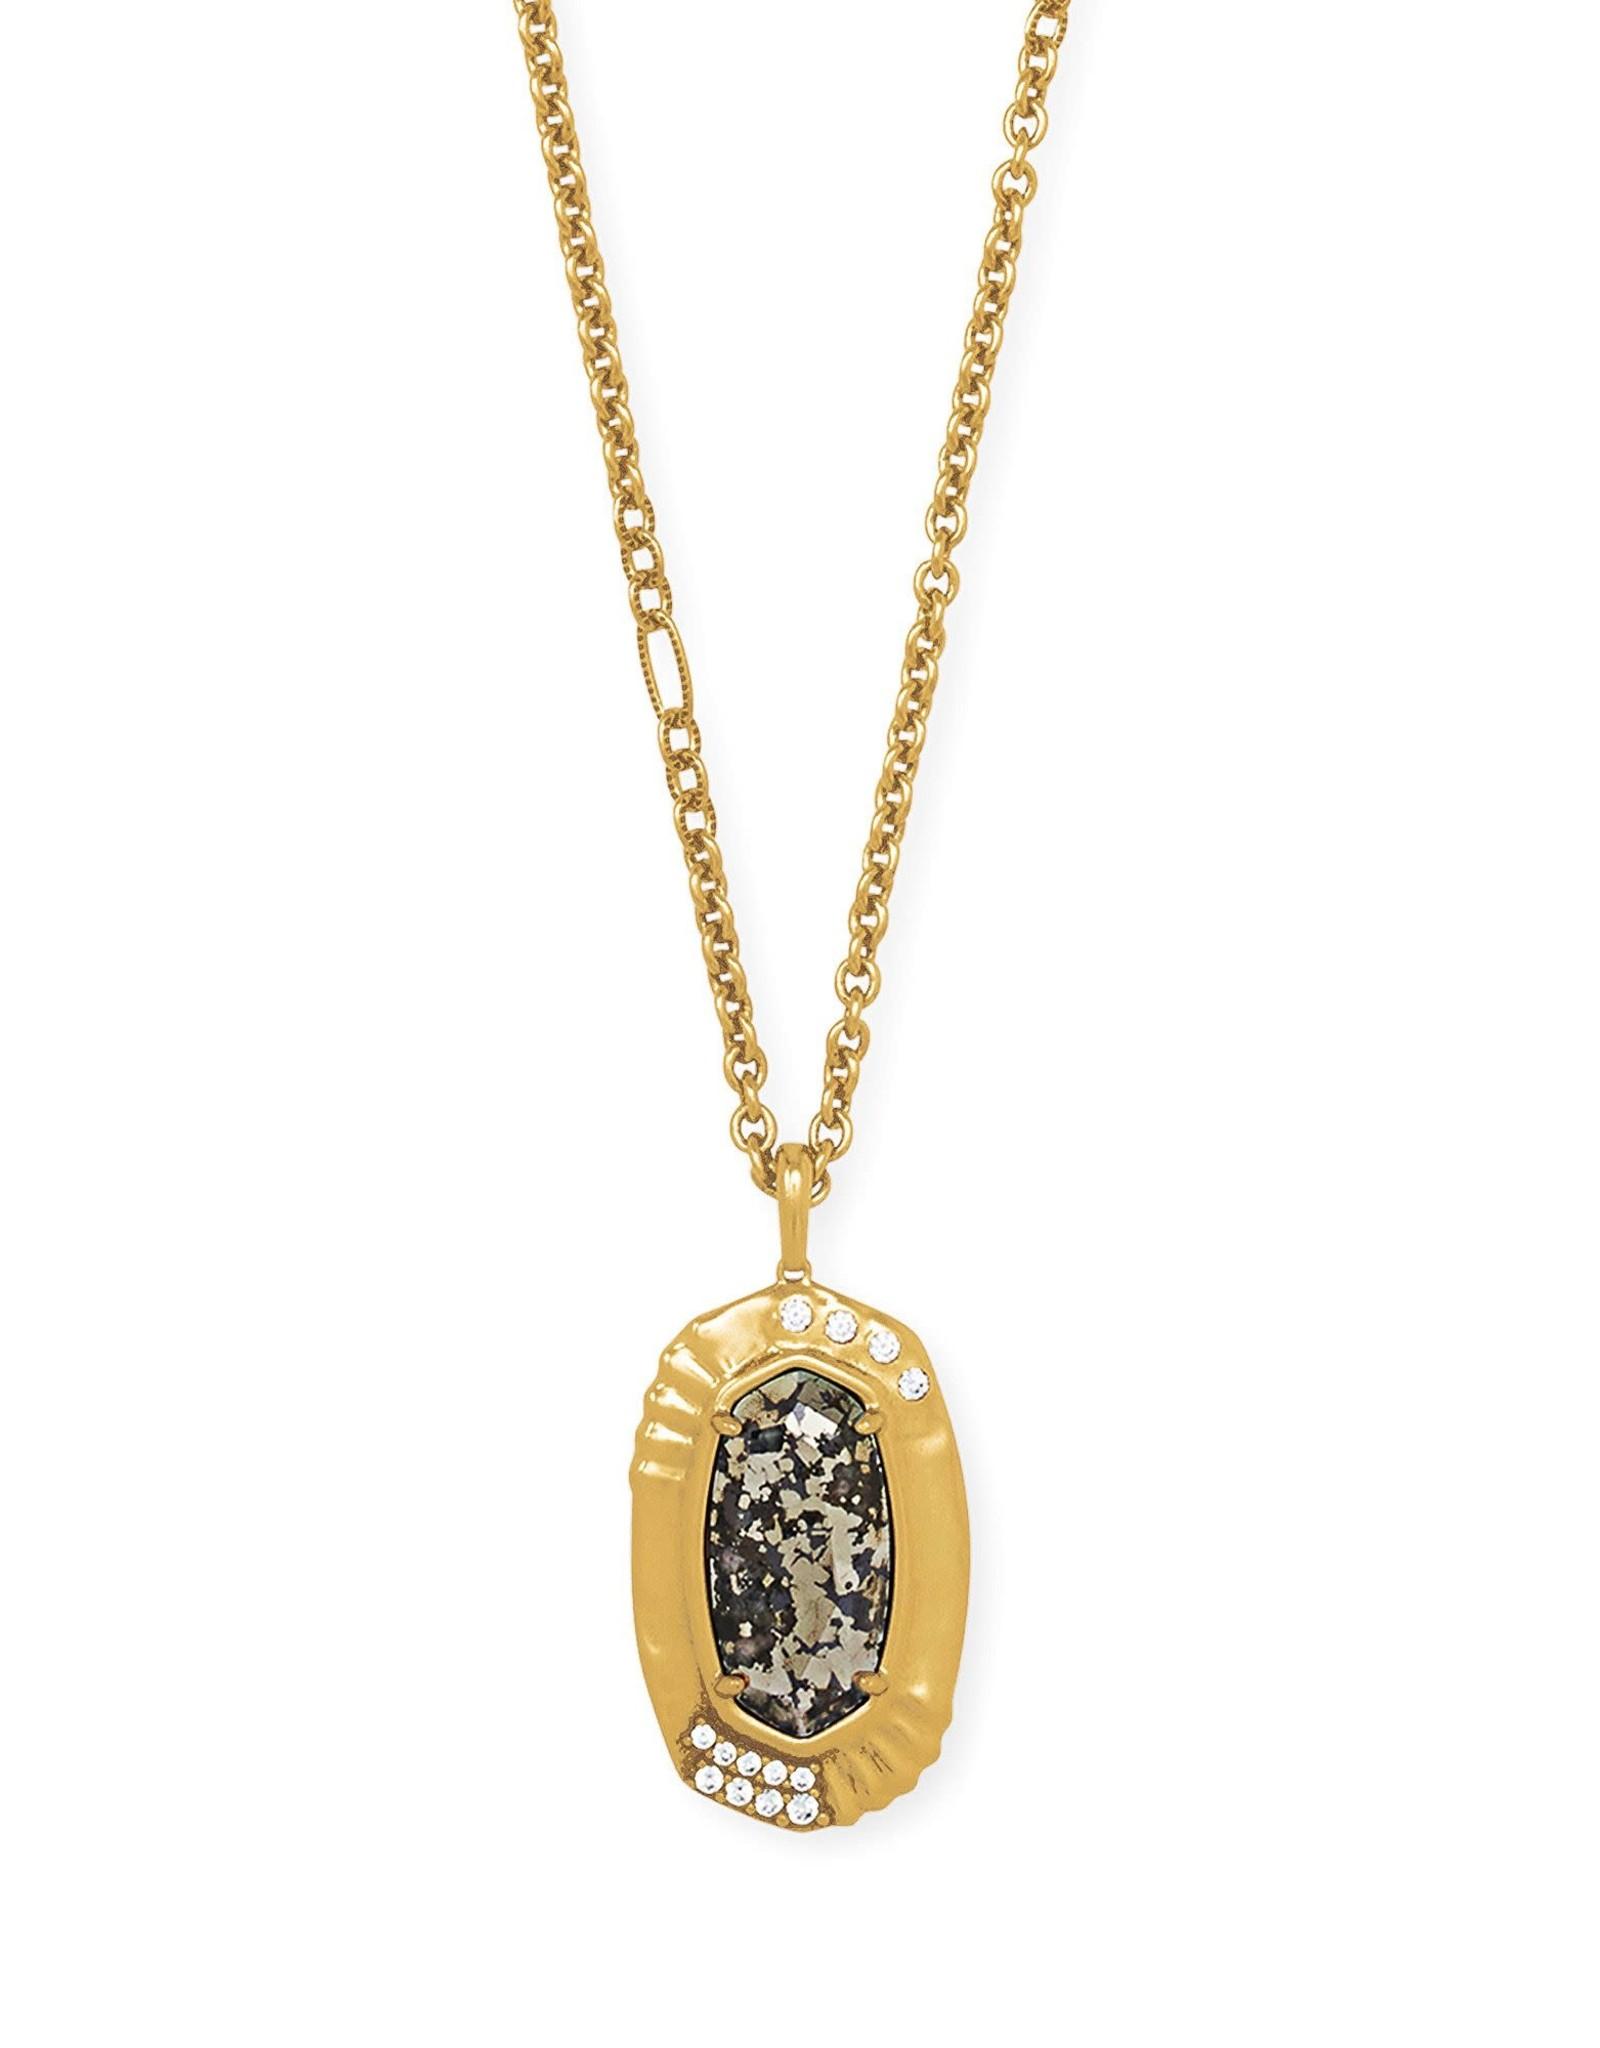 Kendra Scott Anna Long Pendant Necklace - Black Pyrite/Vintage Gold